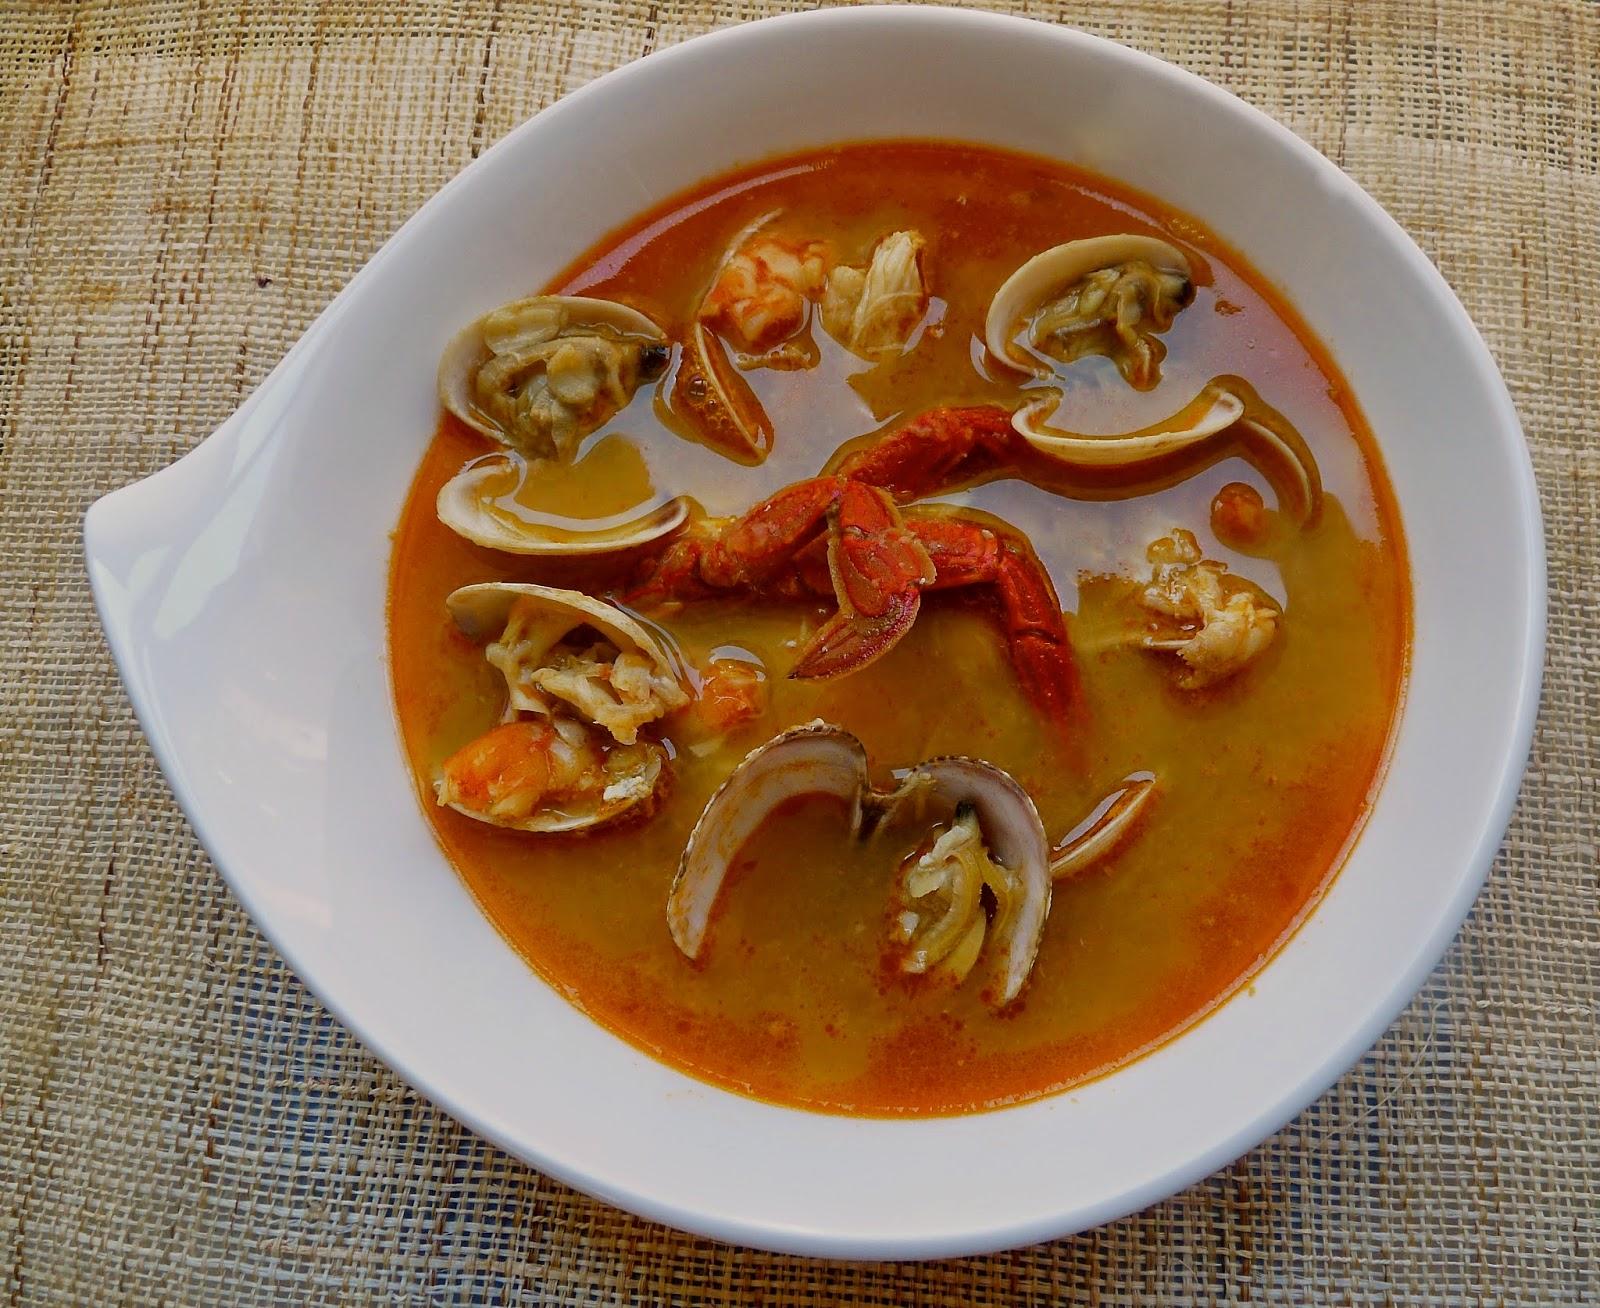 La cocina de piescu sopa de pescado y marisco - Sopa de marisco y pescado ...